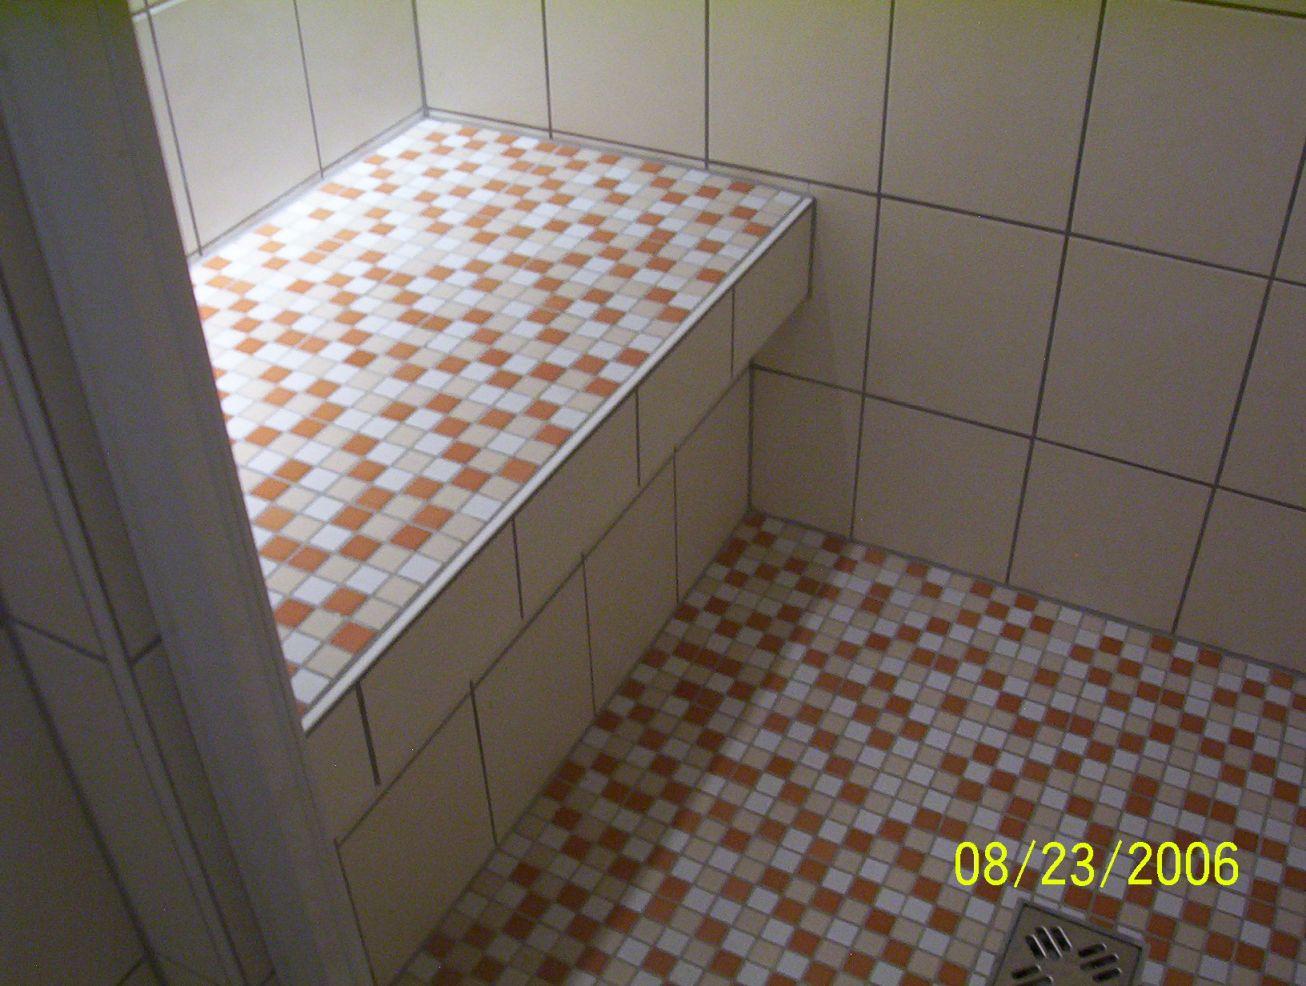 duschplatz selber mauern aus ytong - Dusche Mauern Glasbausteine